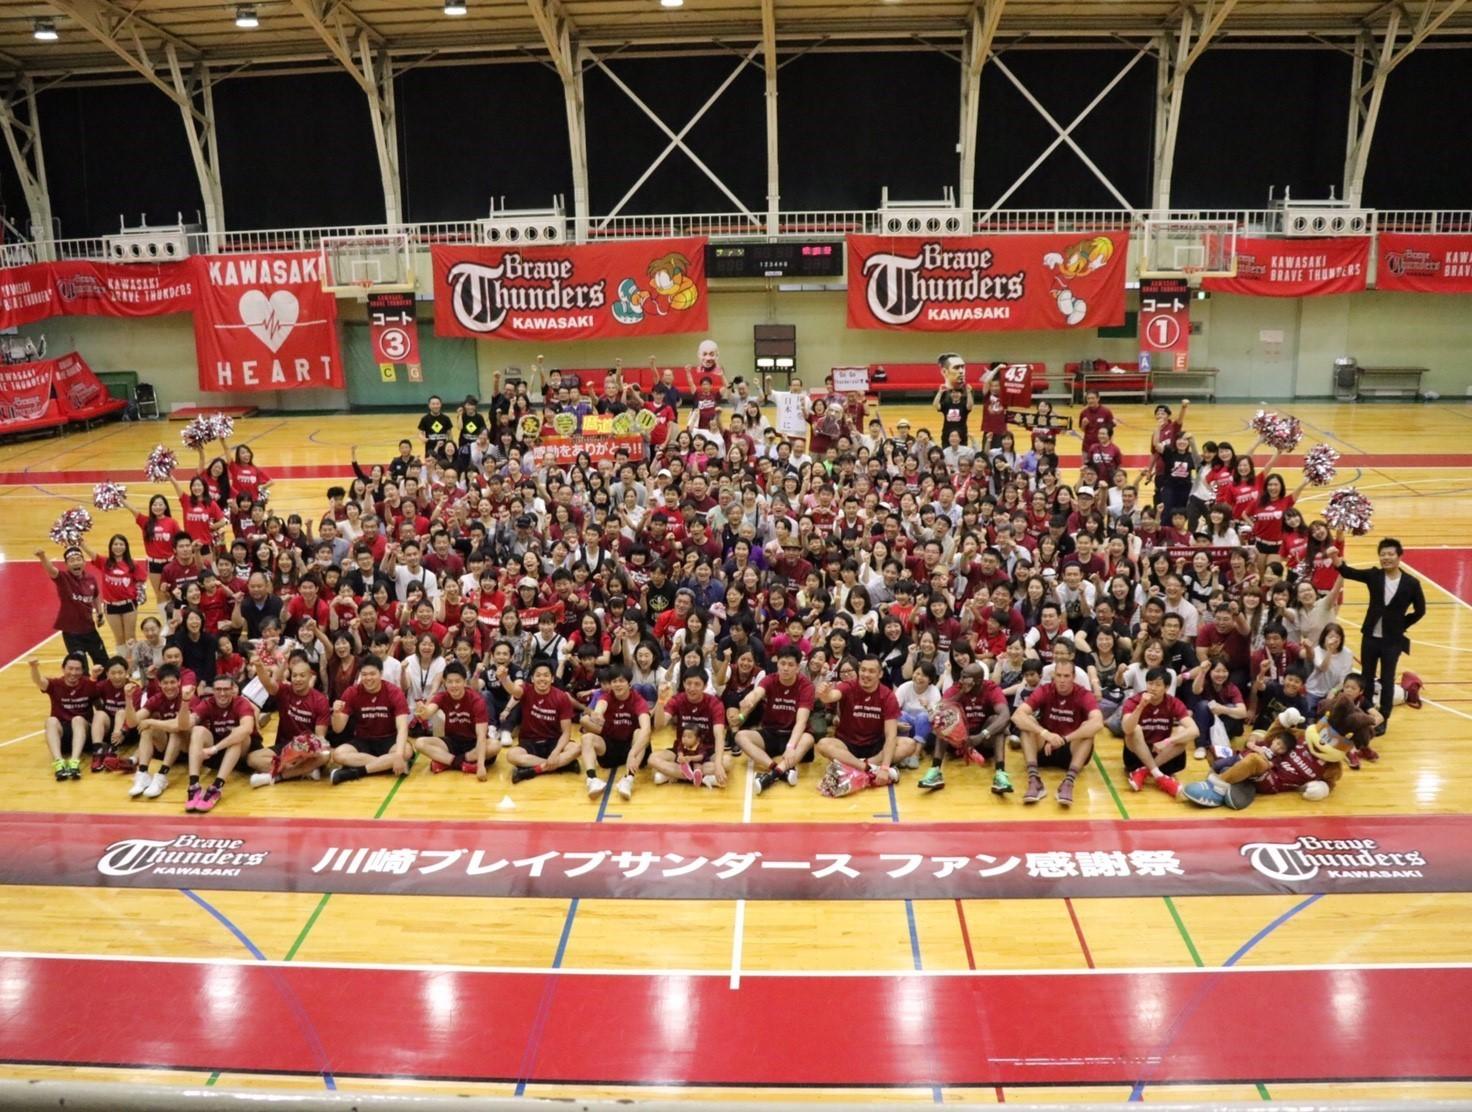 2016-17 川崎ブレイブサンダース ファン感謝祭